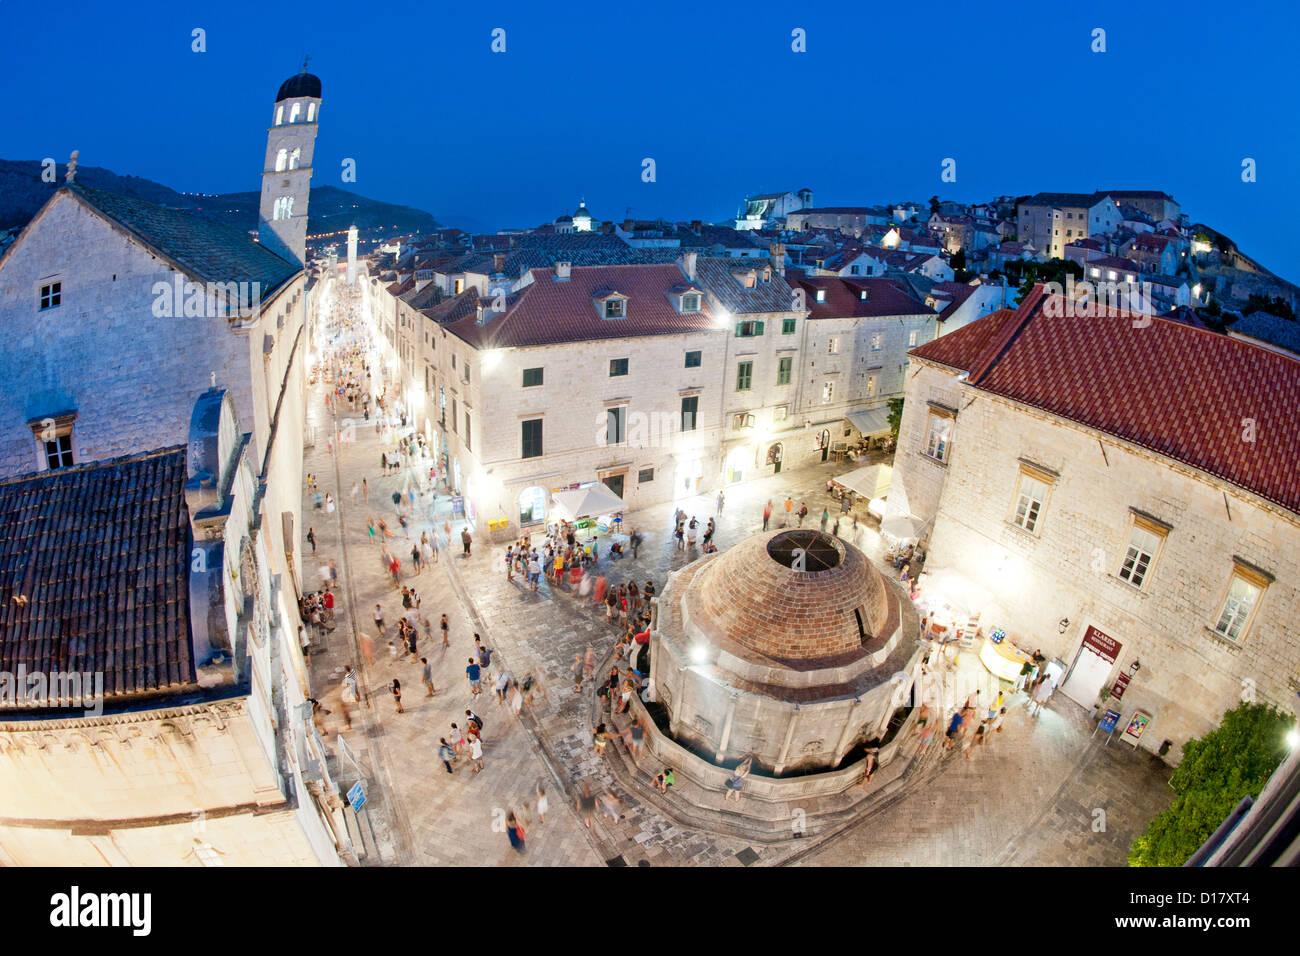 Grande Fontaine d'Onofrio (Velika Onofrijeva Fontana) et le Stradun (rue principale) dans la vieille ville de Dubrovnik, Croatie. Banque D'Images